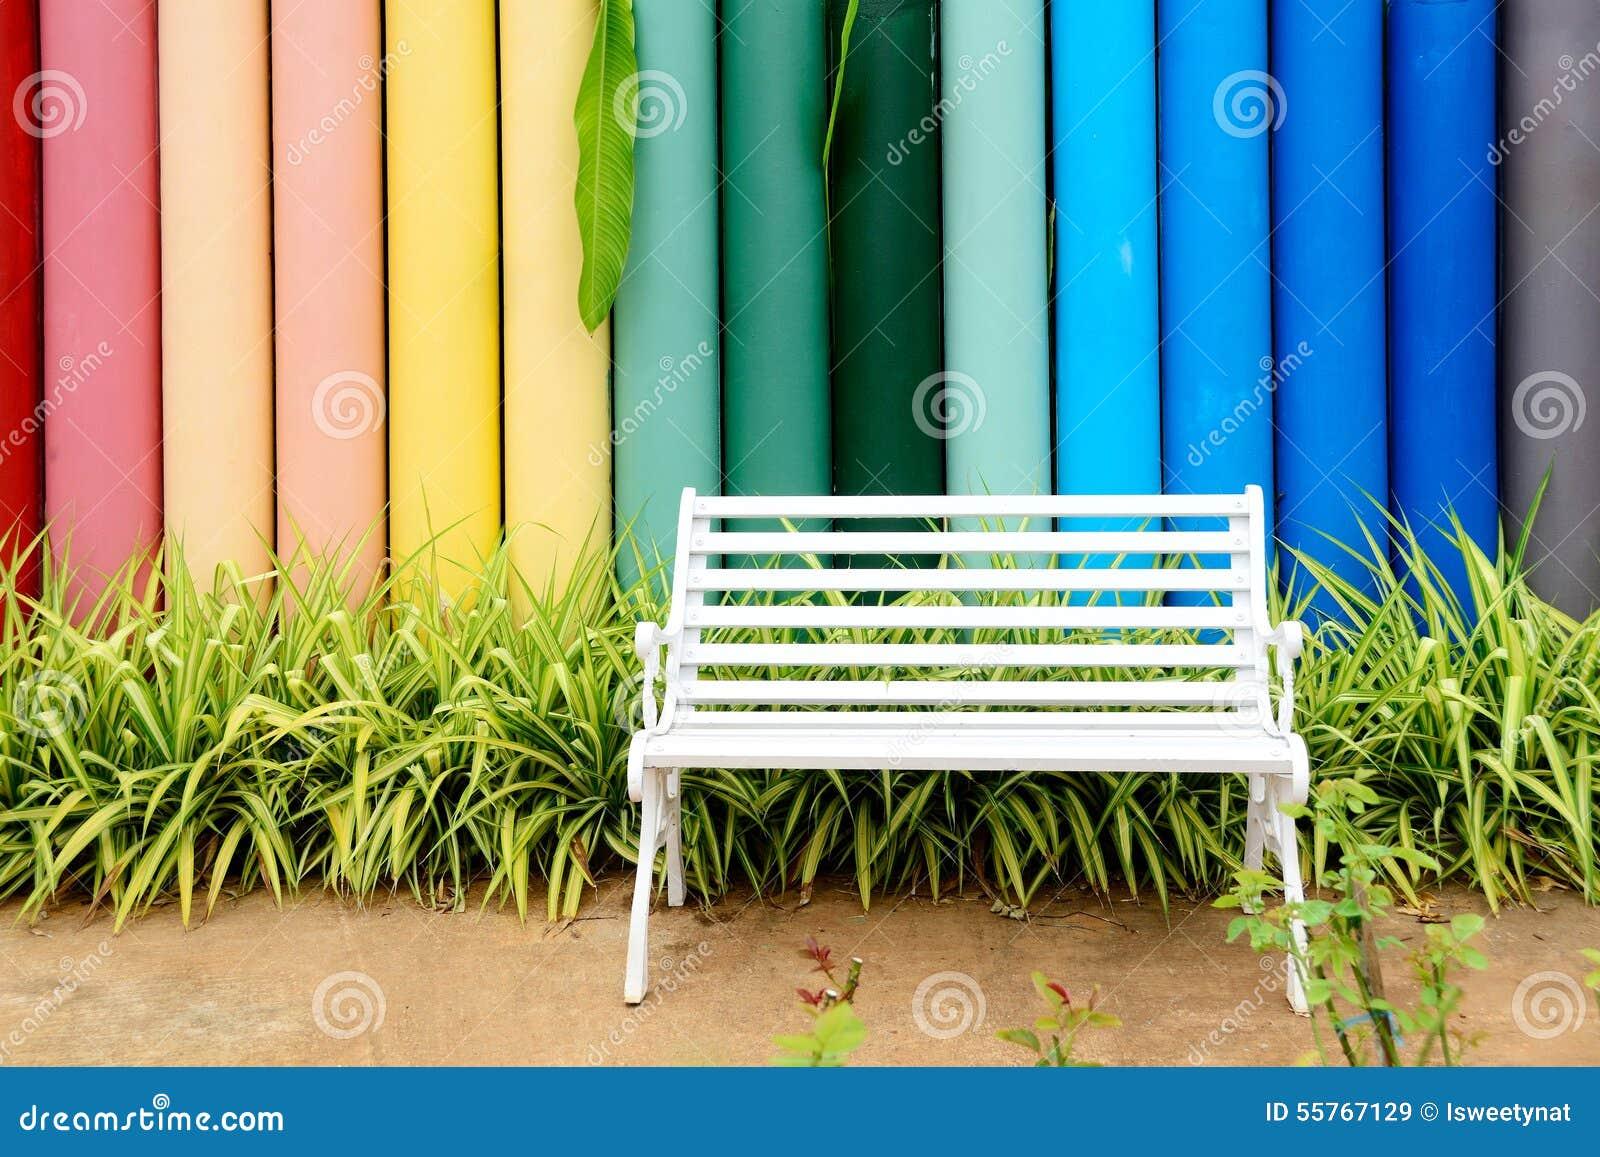 Vit järnbänk och flerfärgat konkret staket arkivfoto   bild: 55767129